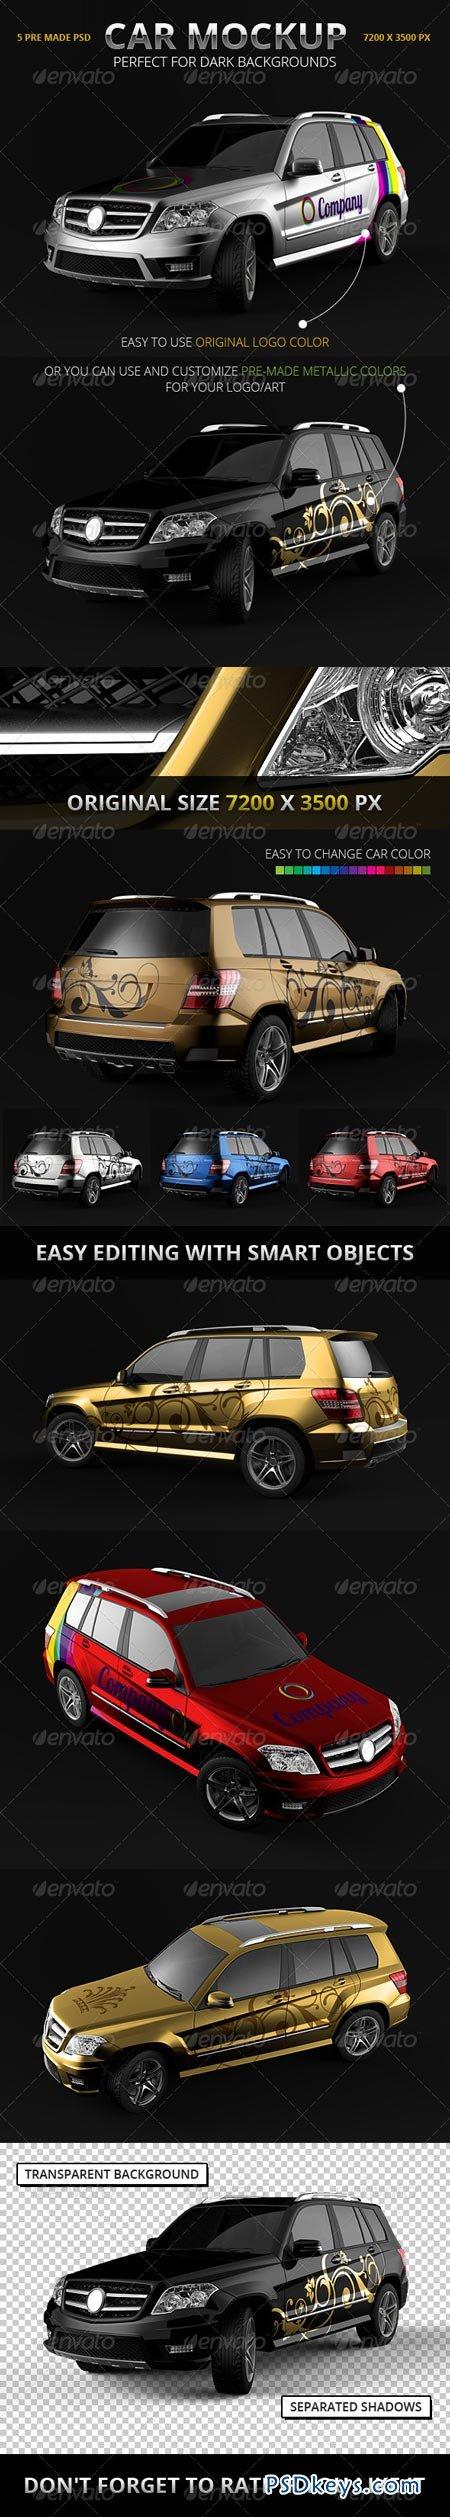 Car Branding Vector Car Branding Mockup Suv